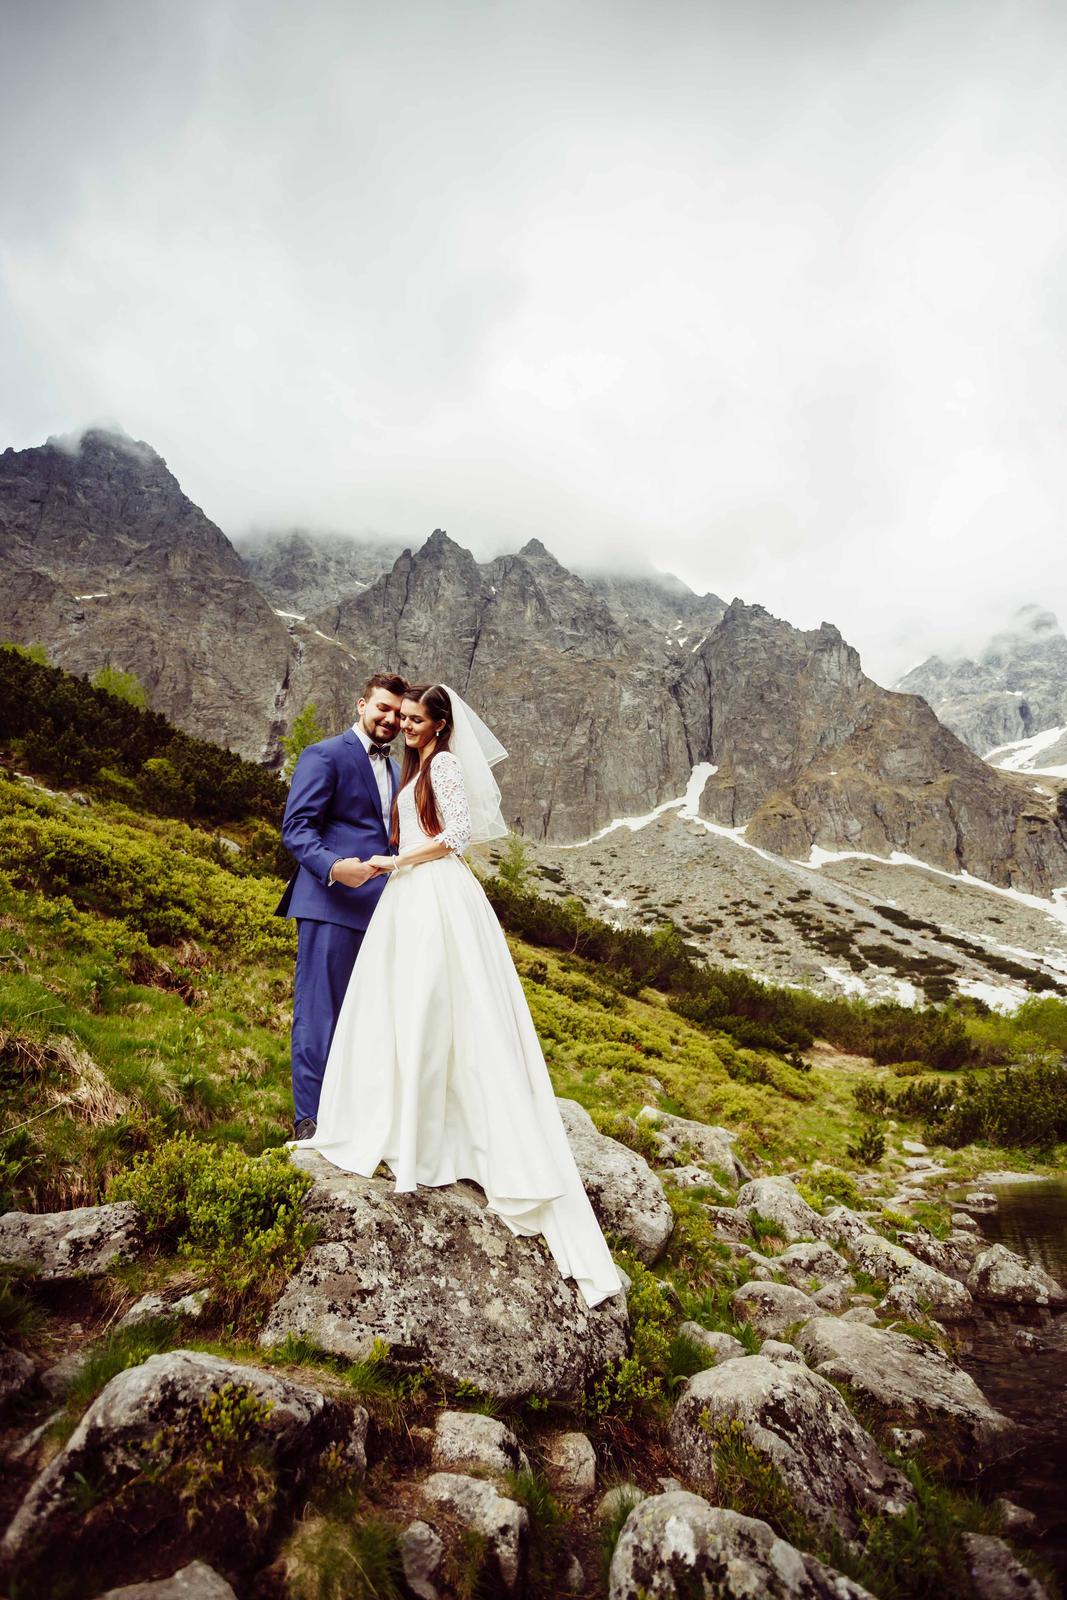 Tomáš & Monika - Zelené Pleso, Tatry ❤️ - Obrázok č. 2